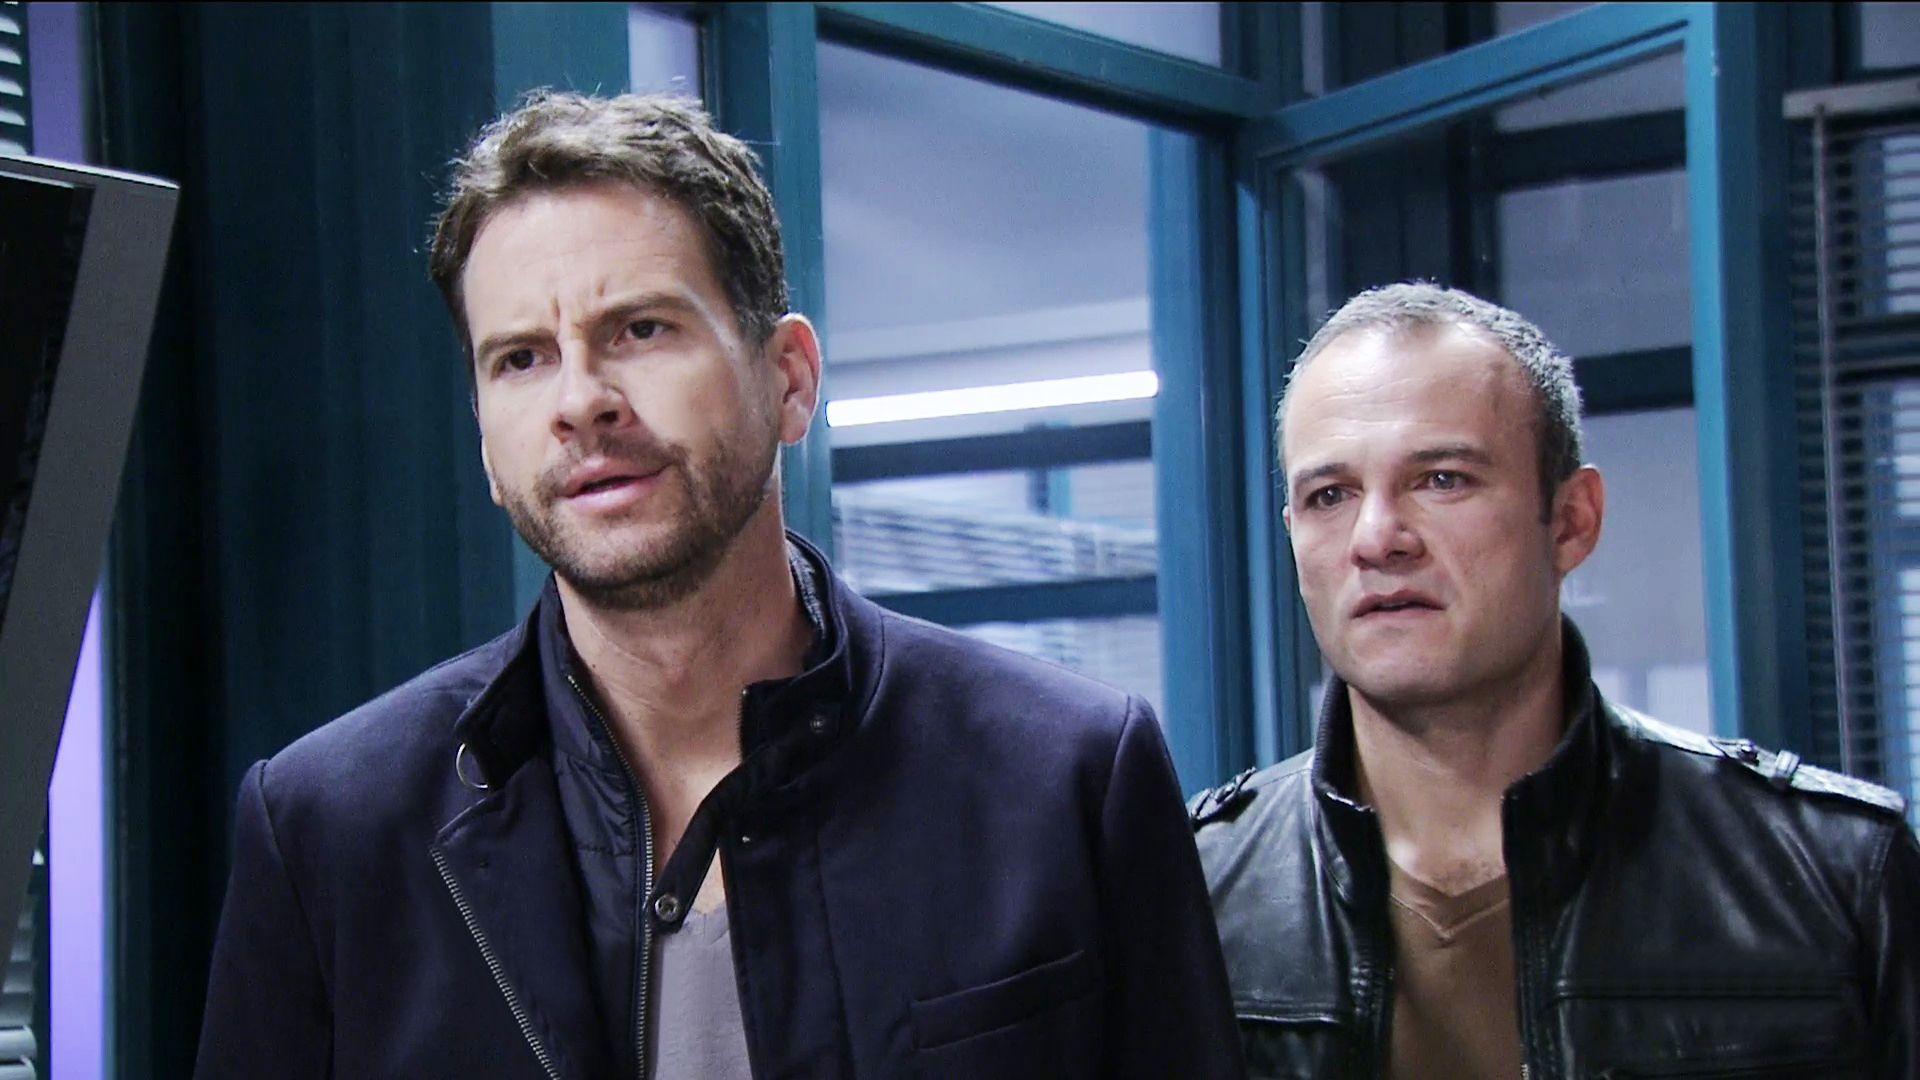 Eder recupera su lugar en la policía y sigue investigando el caso de Ángel Velasco. Ana logra sacar más información gracias a la novia de Ángel y se une a Eder.